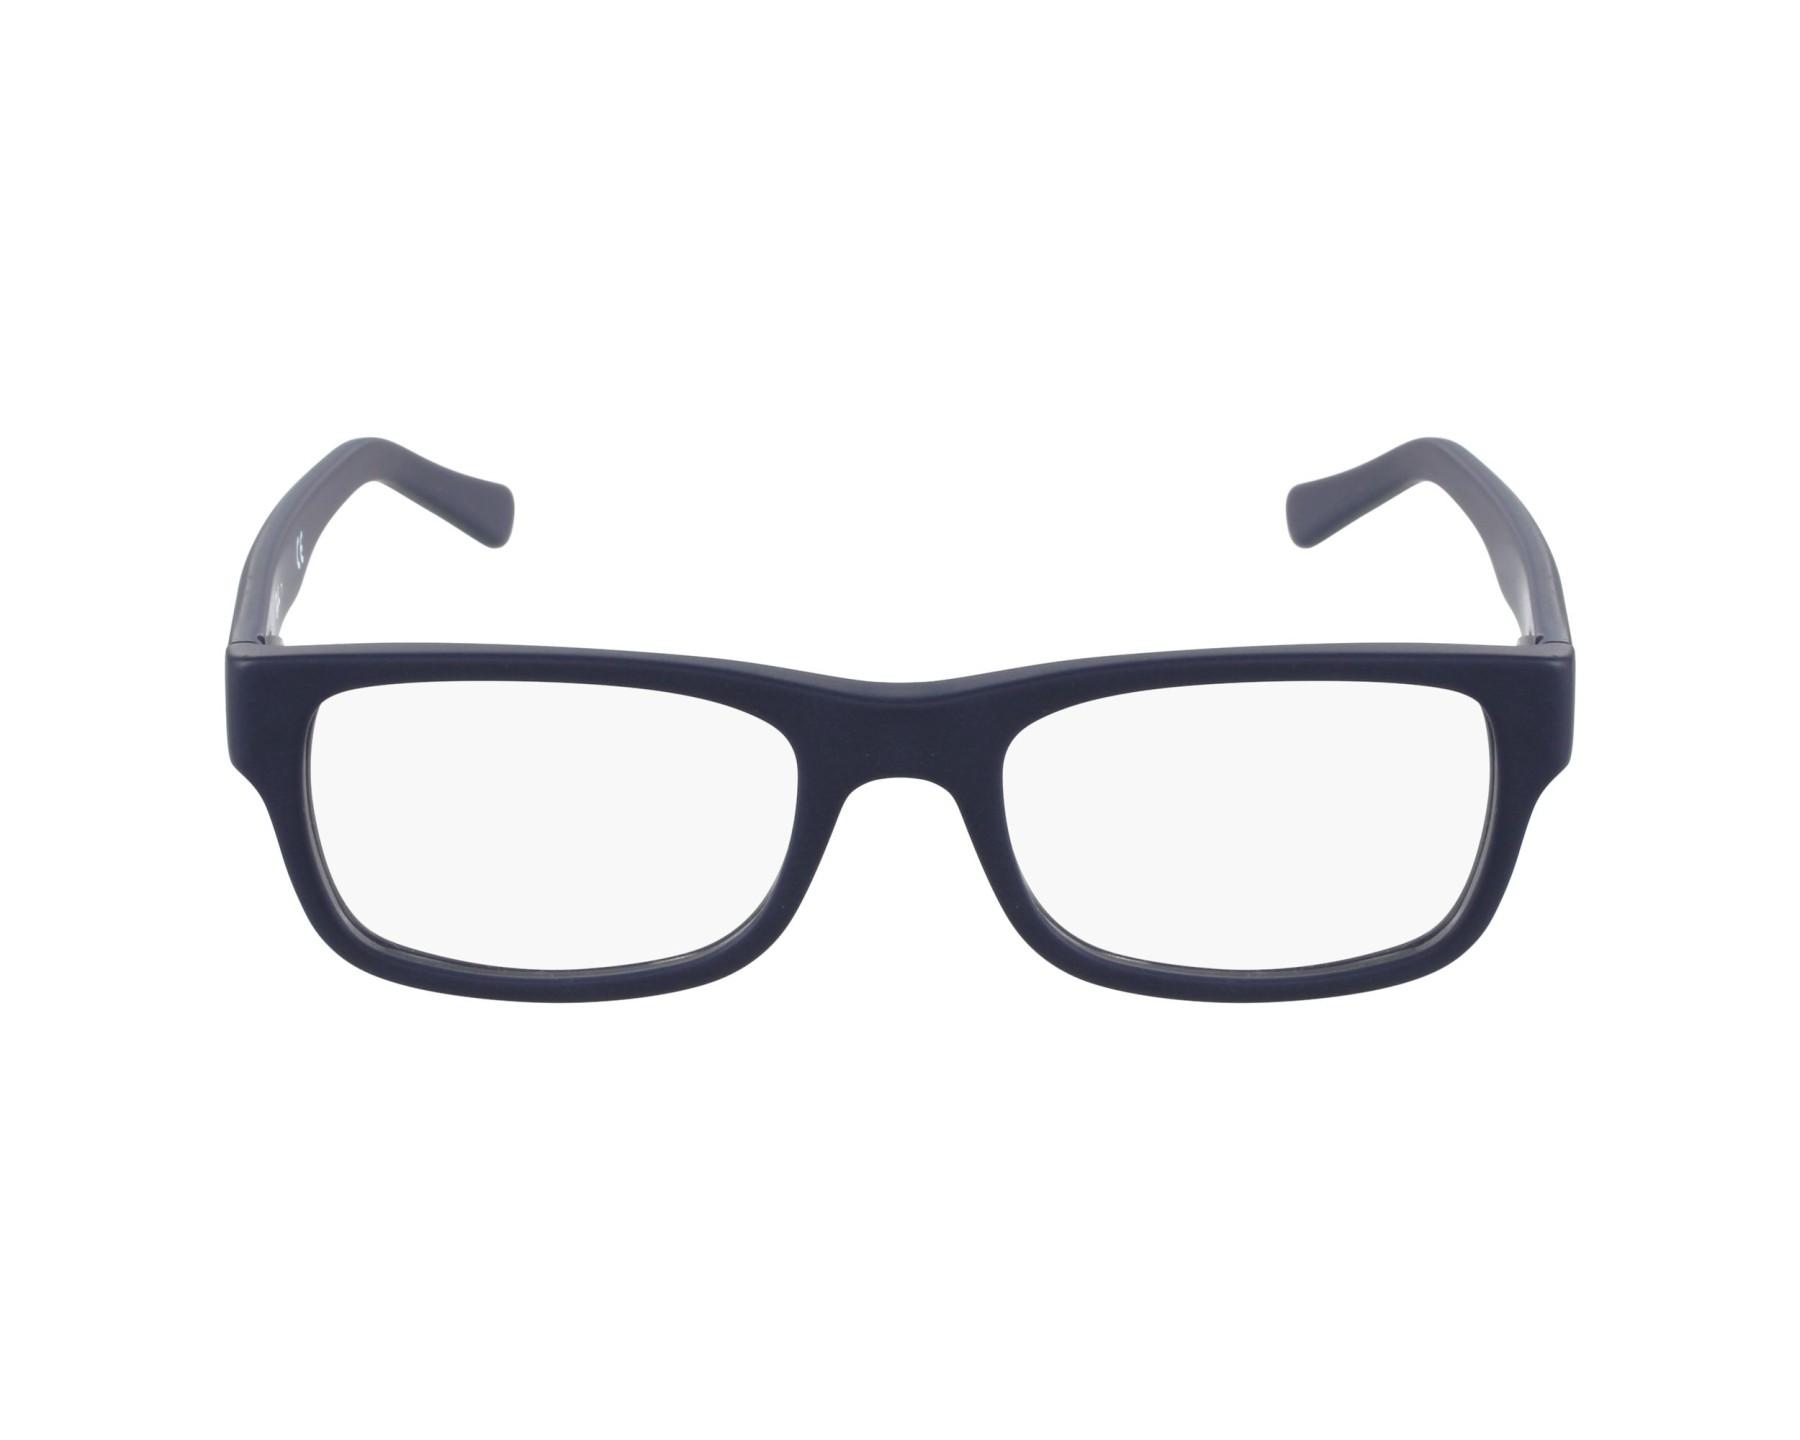 7bc677b7aa634 Gafas Graduadas Ray-Ban RX-5268 5583 50-17 Azul vista de perfil